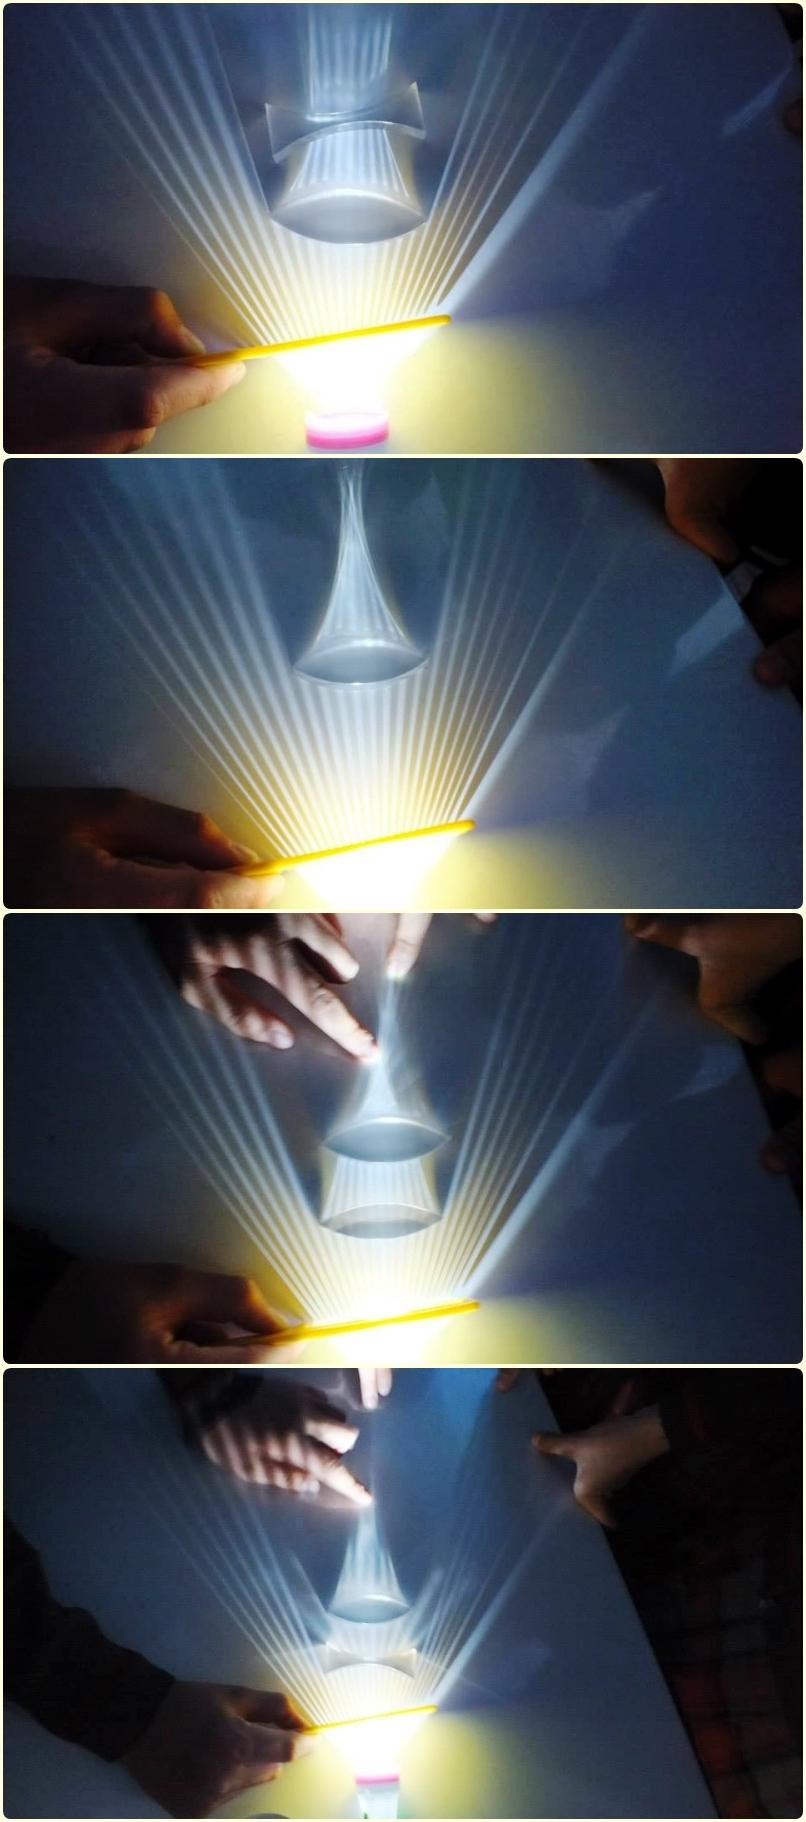 Işığın kırılması ve mercekler 2